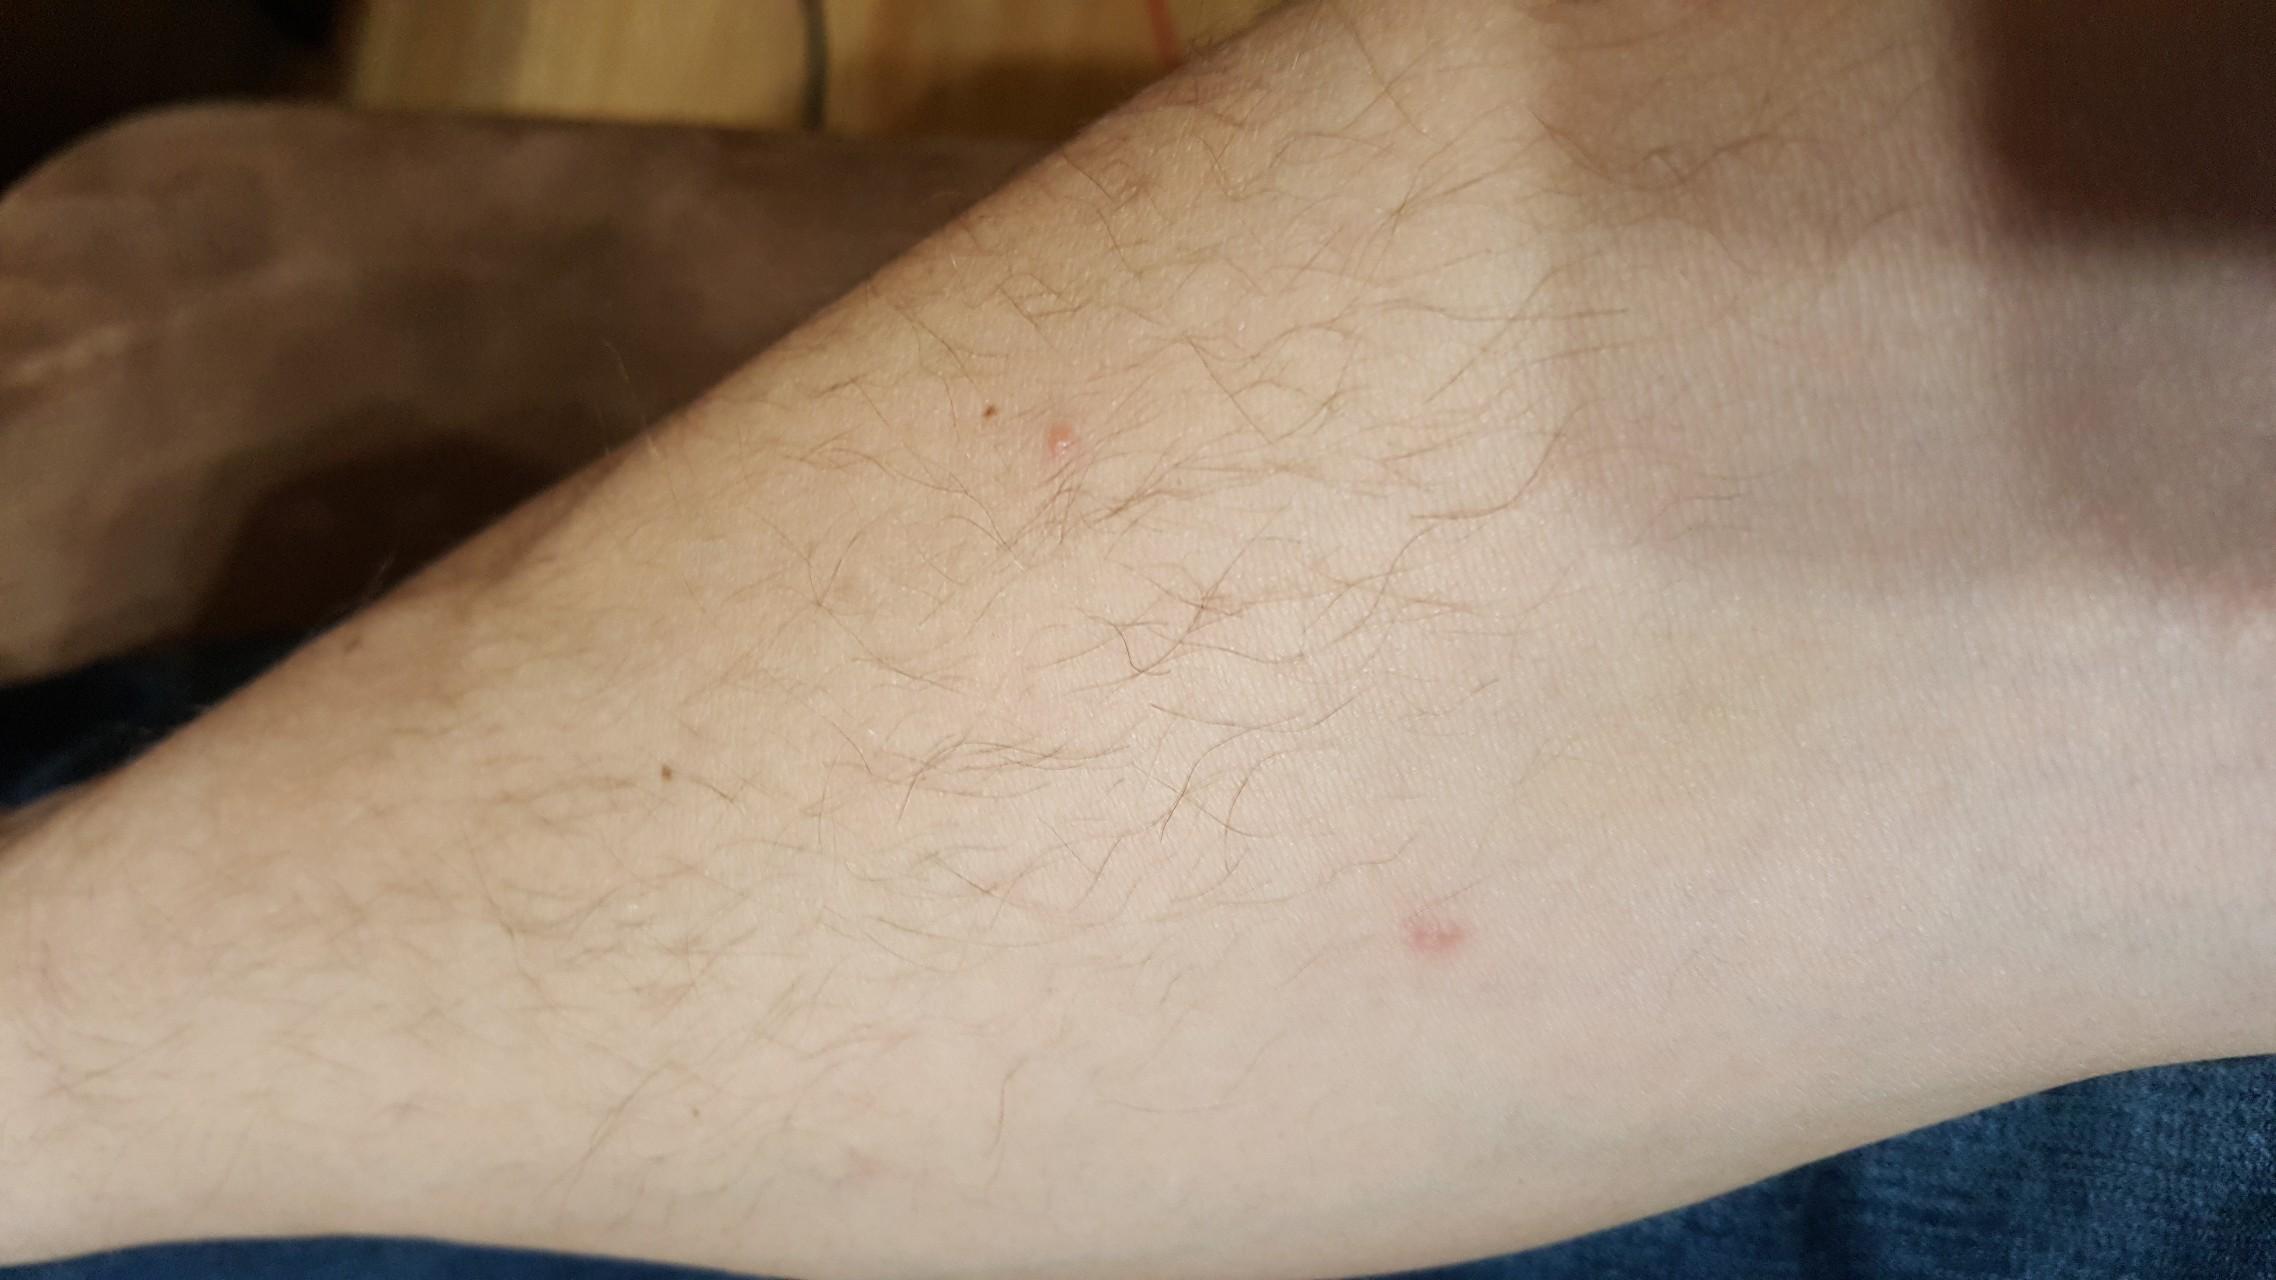 аллергия сыпь на теле чешется